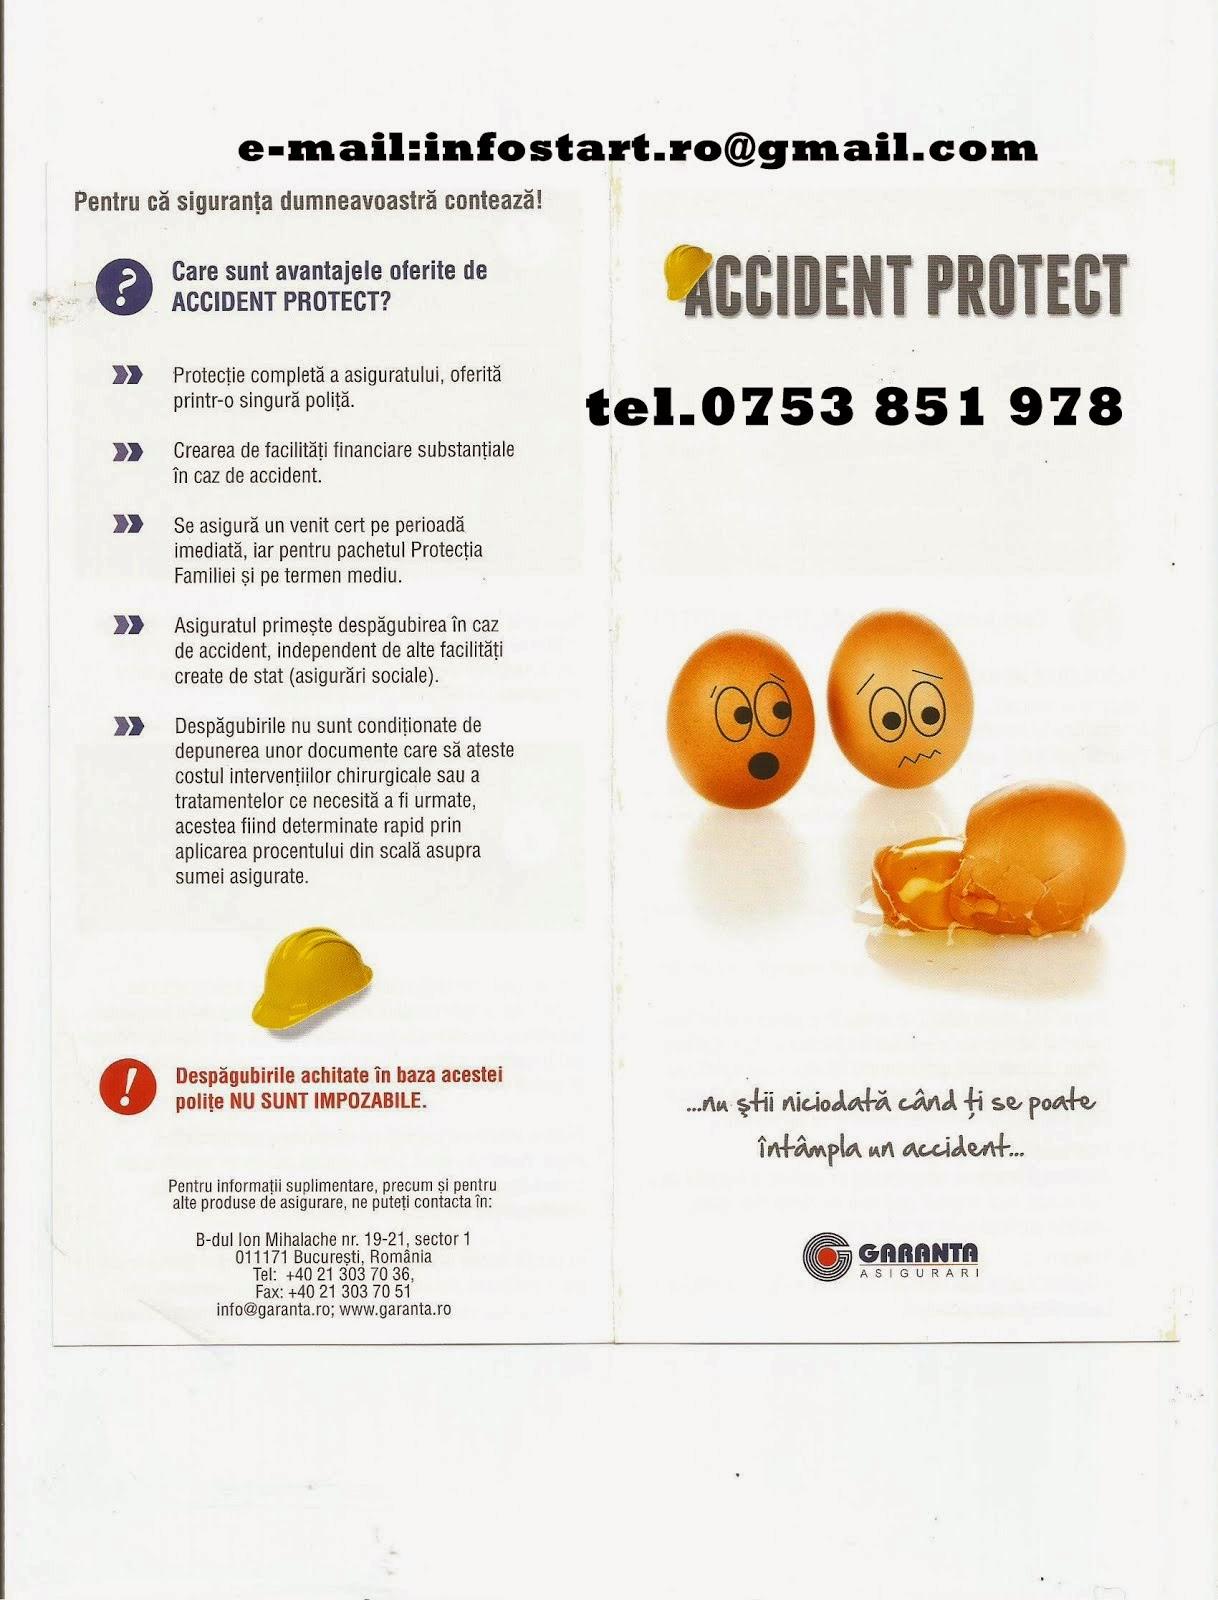 """ALege siguranta! Asigurarea """"Accident Protect"""" de la Garanta"""